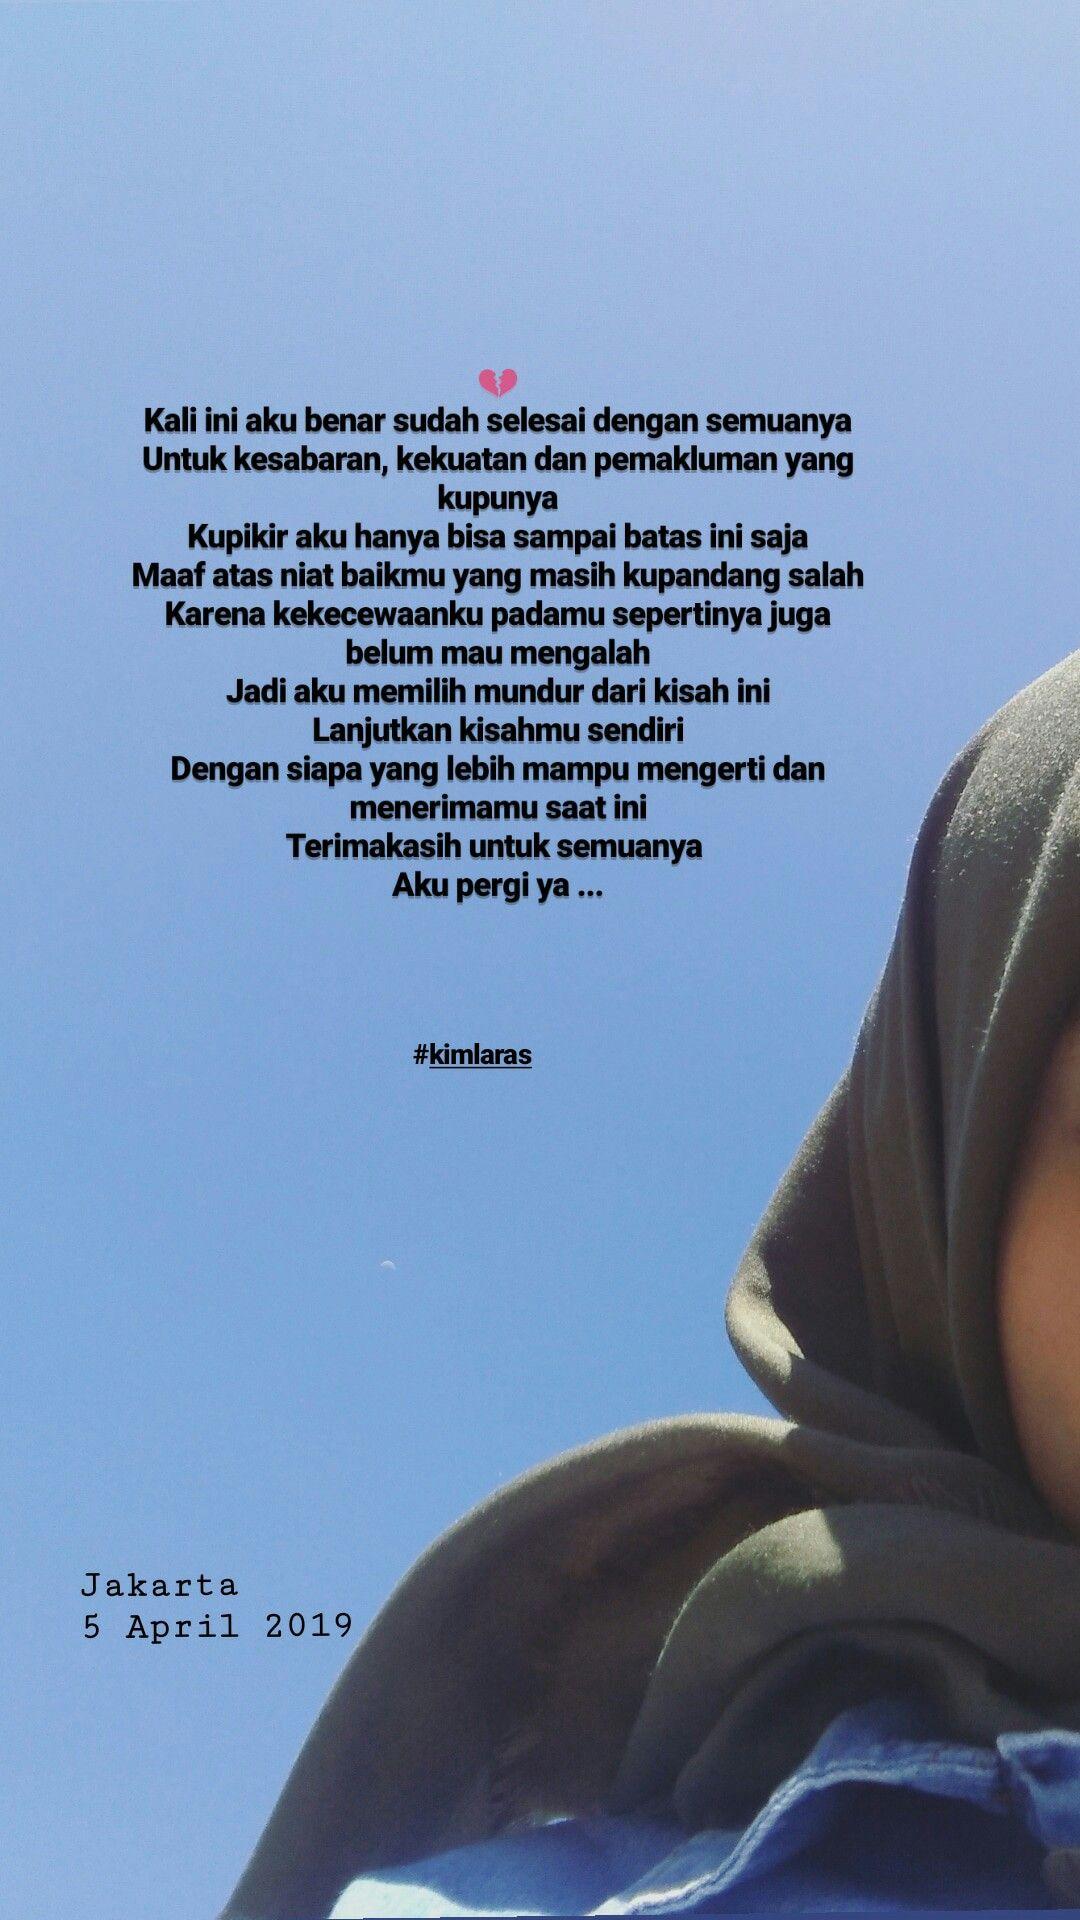 Quotes Motivasi Kata Kata Indah Kutipan Tentang Kehidupan